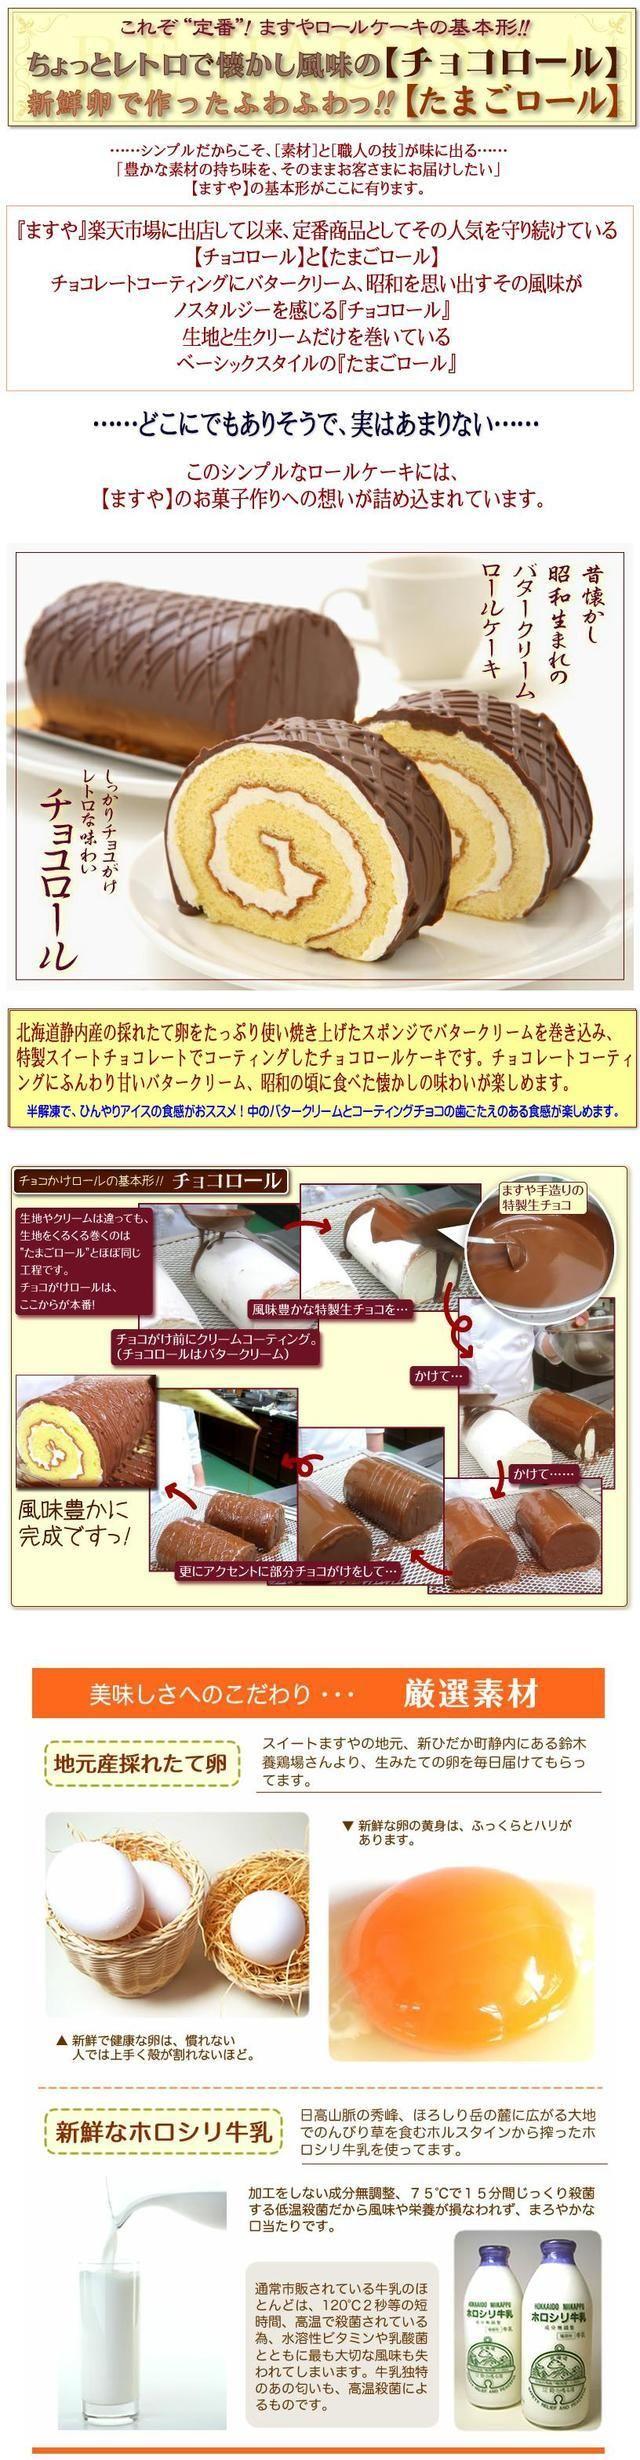 昭和に生まれた懐かしロールケーキ。昭和を感じるロールケーキ『チョコロール』バタークリームを使用楽天ランキング(スイーツ洋菓子-チョコロールケーキ部門)